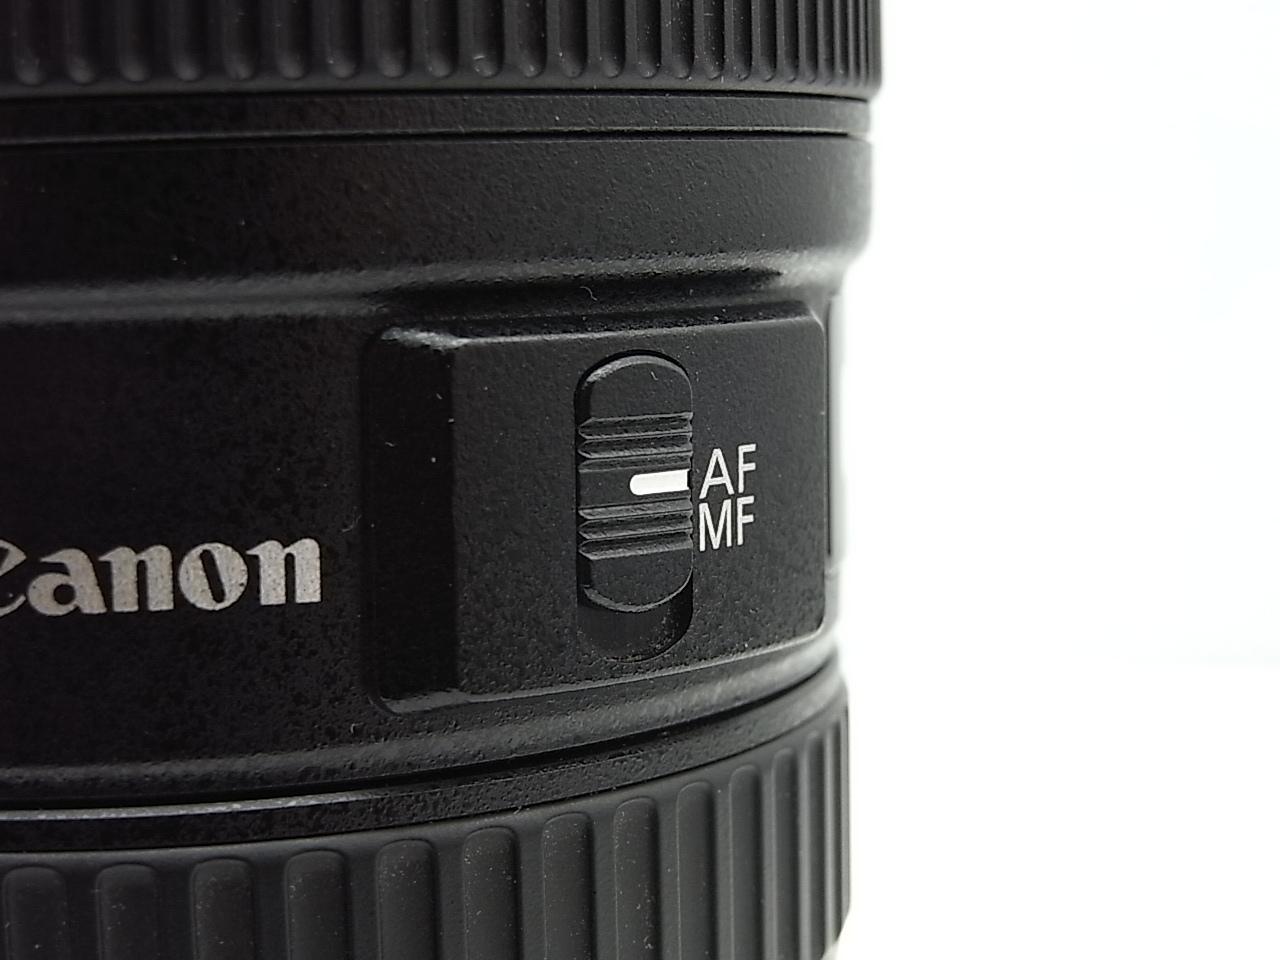 佳能镜头编号_屌丝的风光利器——佳能EF 17-40mm f/4L USM - 影像器材 - Chiphell ...